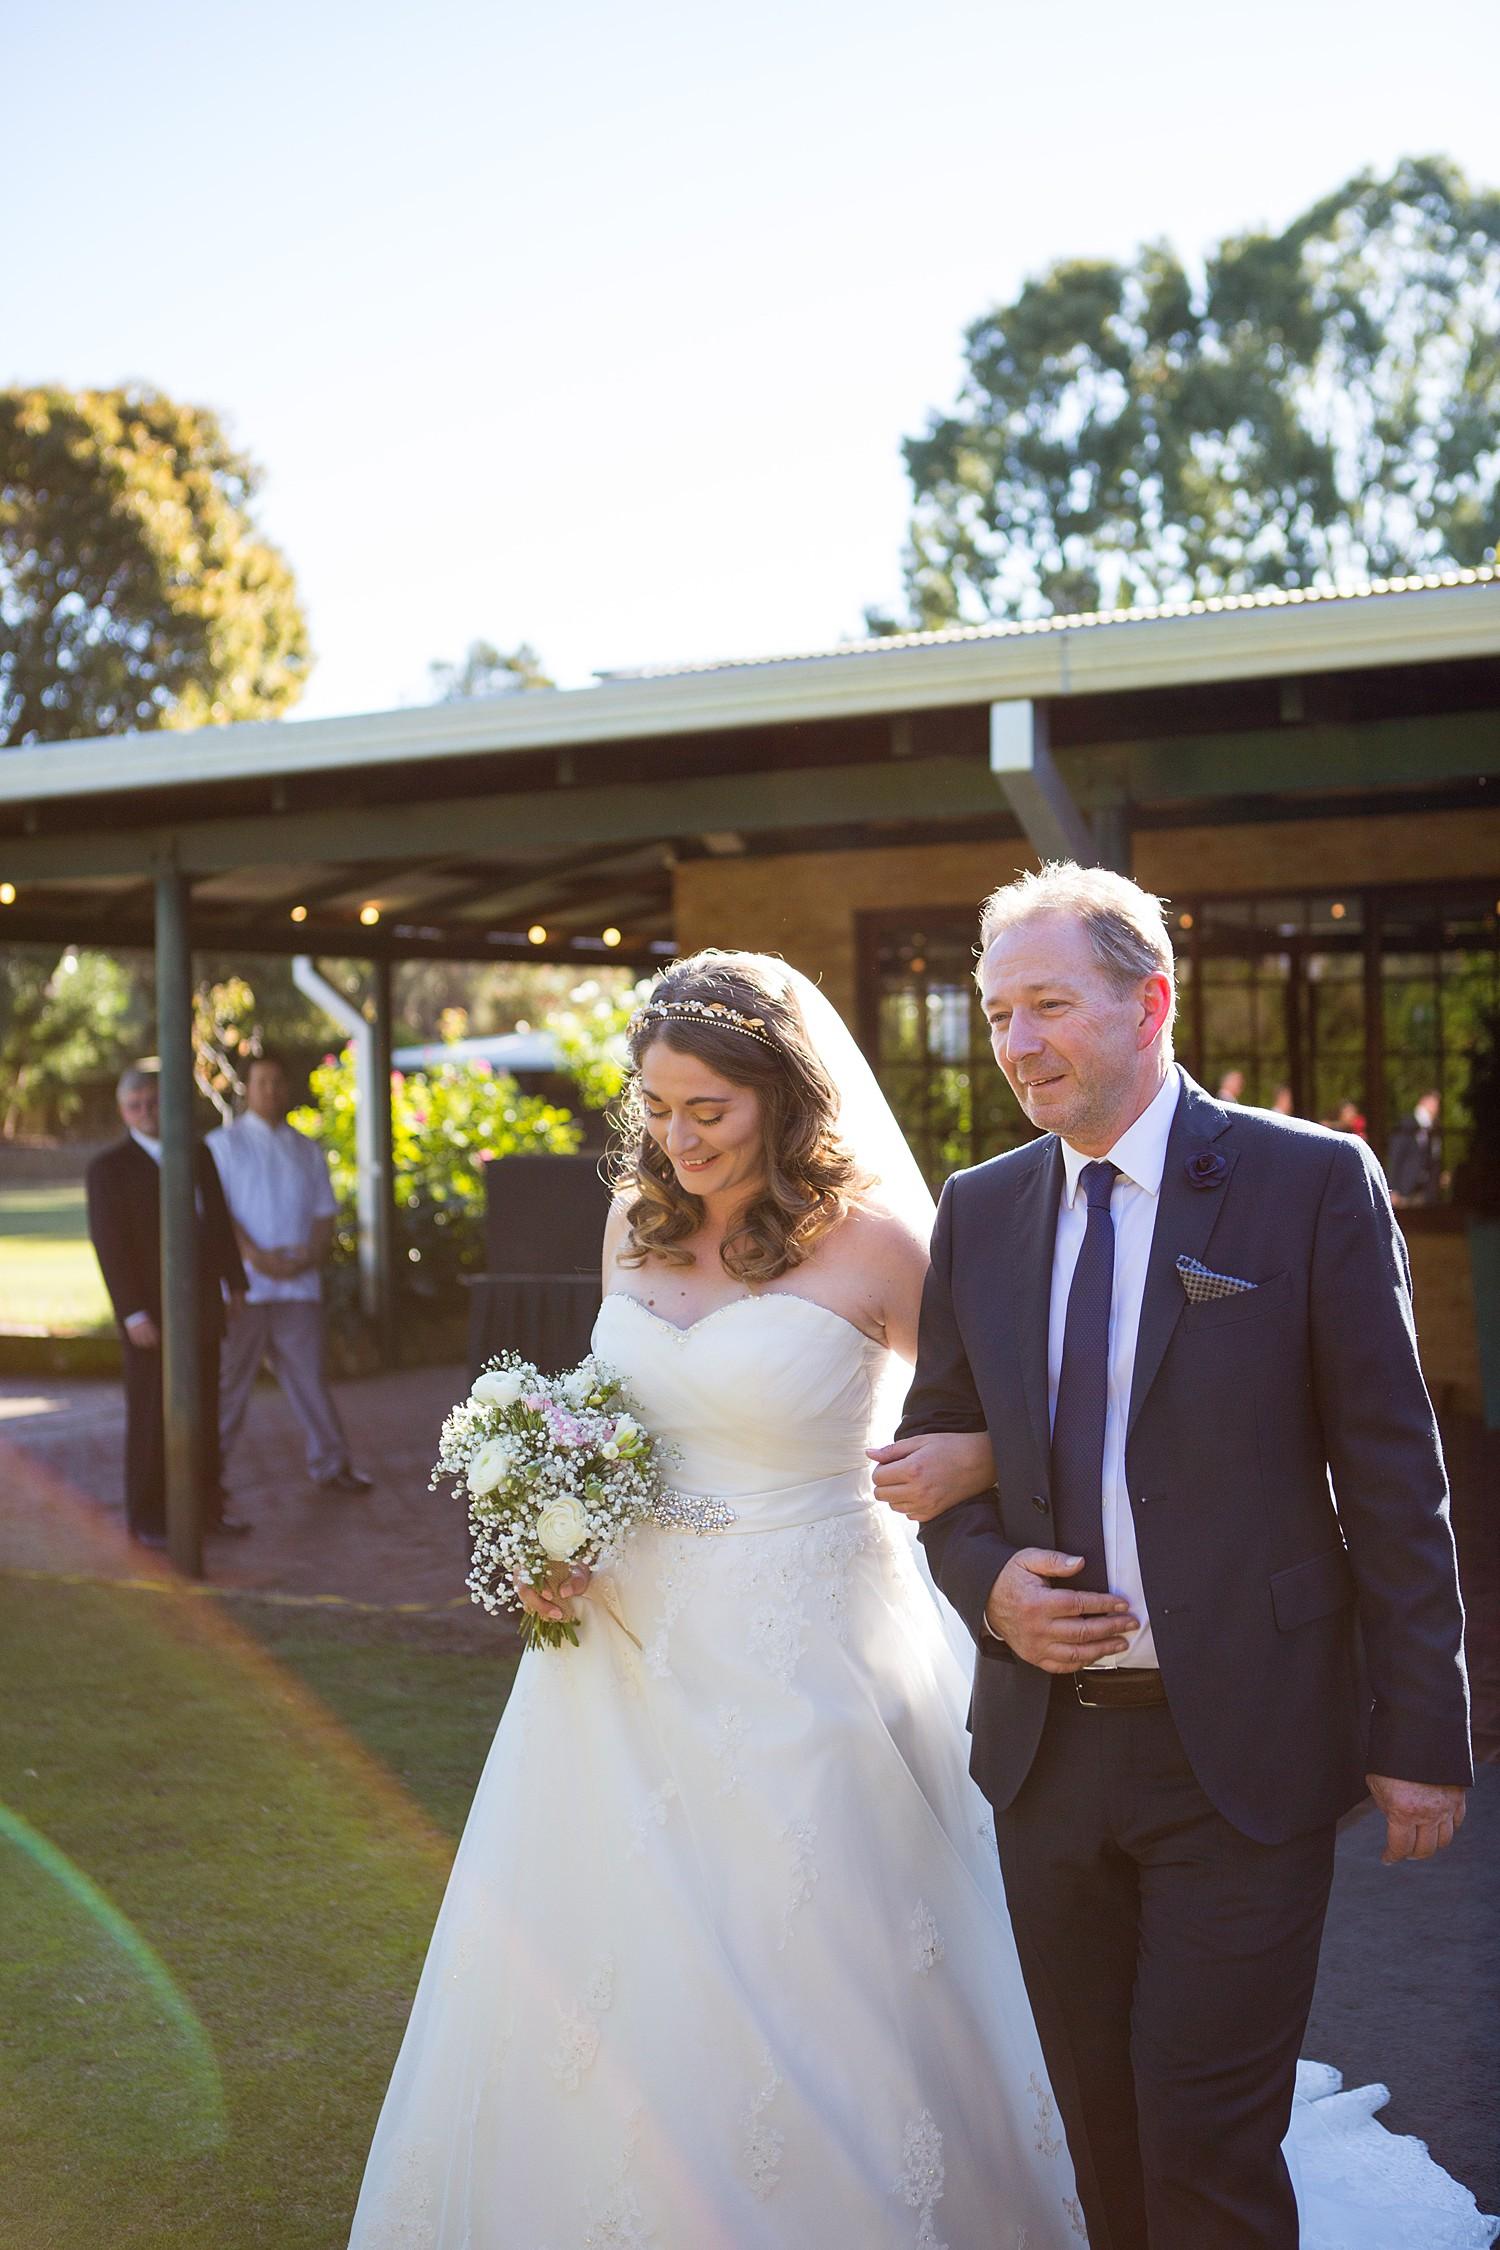 perth_wedding_spring_bridgeleigh_estate_0035.jpg